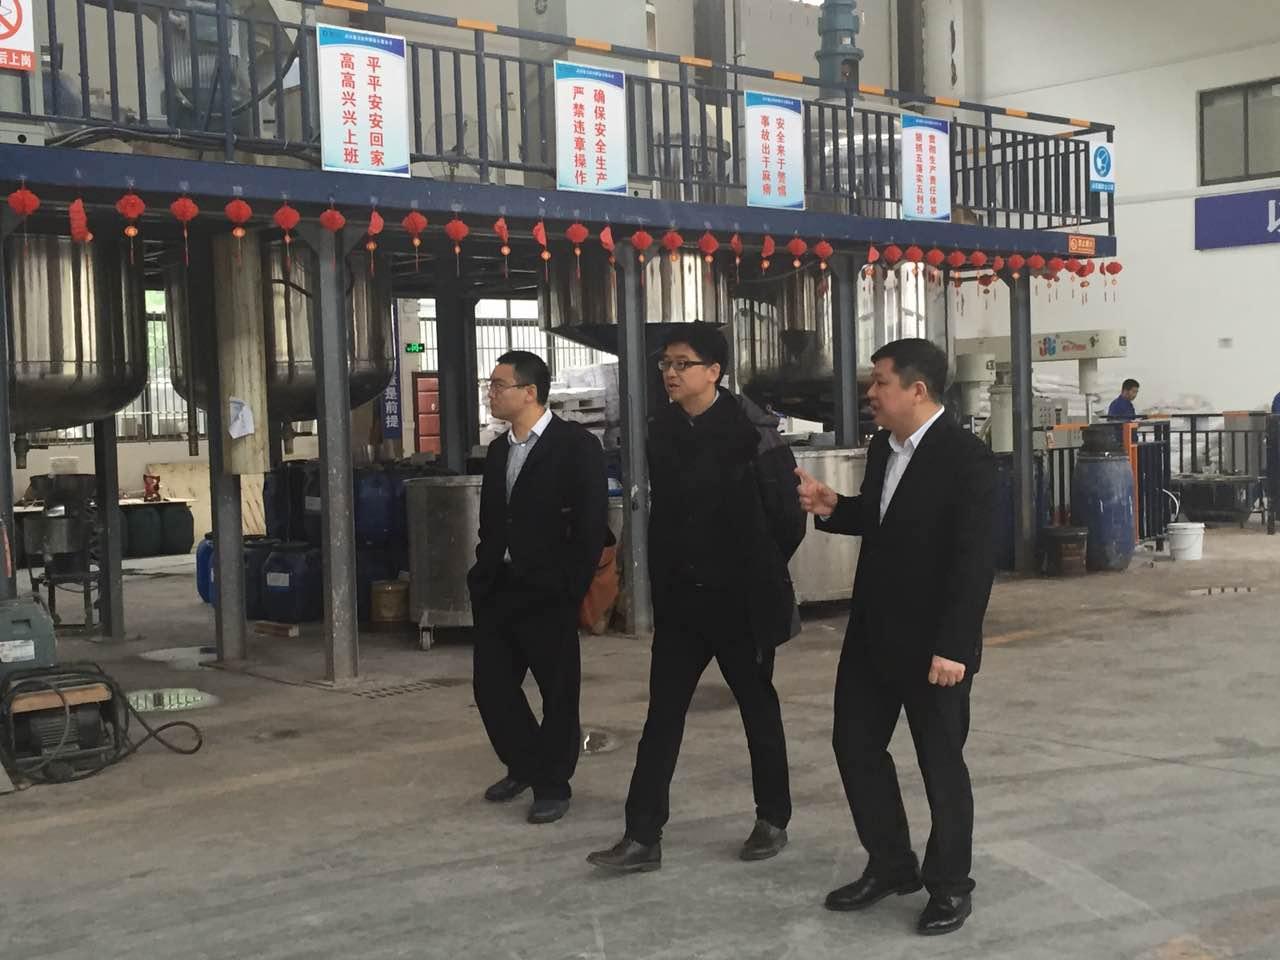 热烈欢迎中建绿色产业园仲崇涛总经理莅临指导工作!